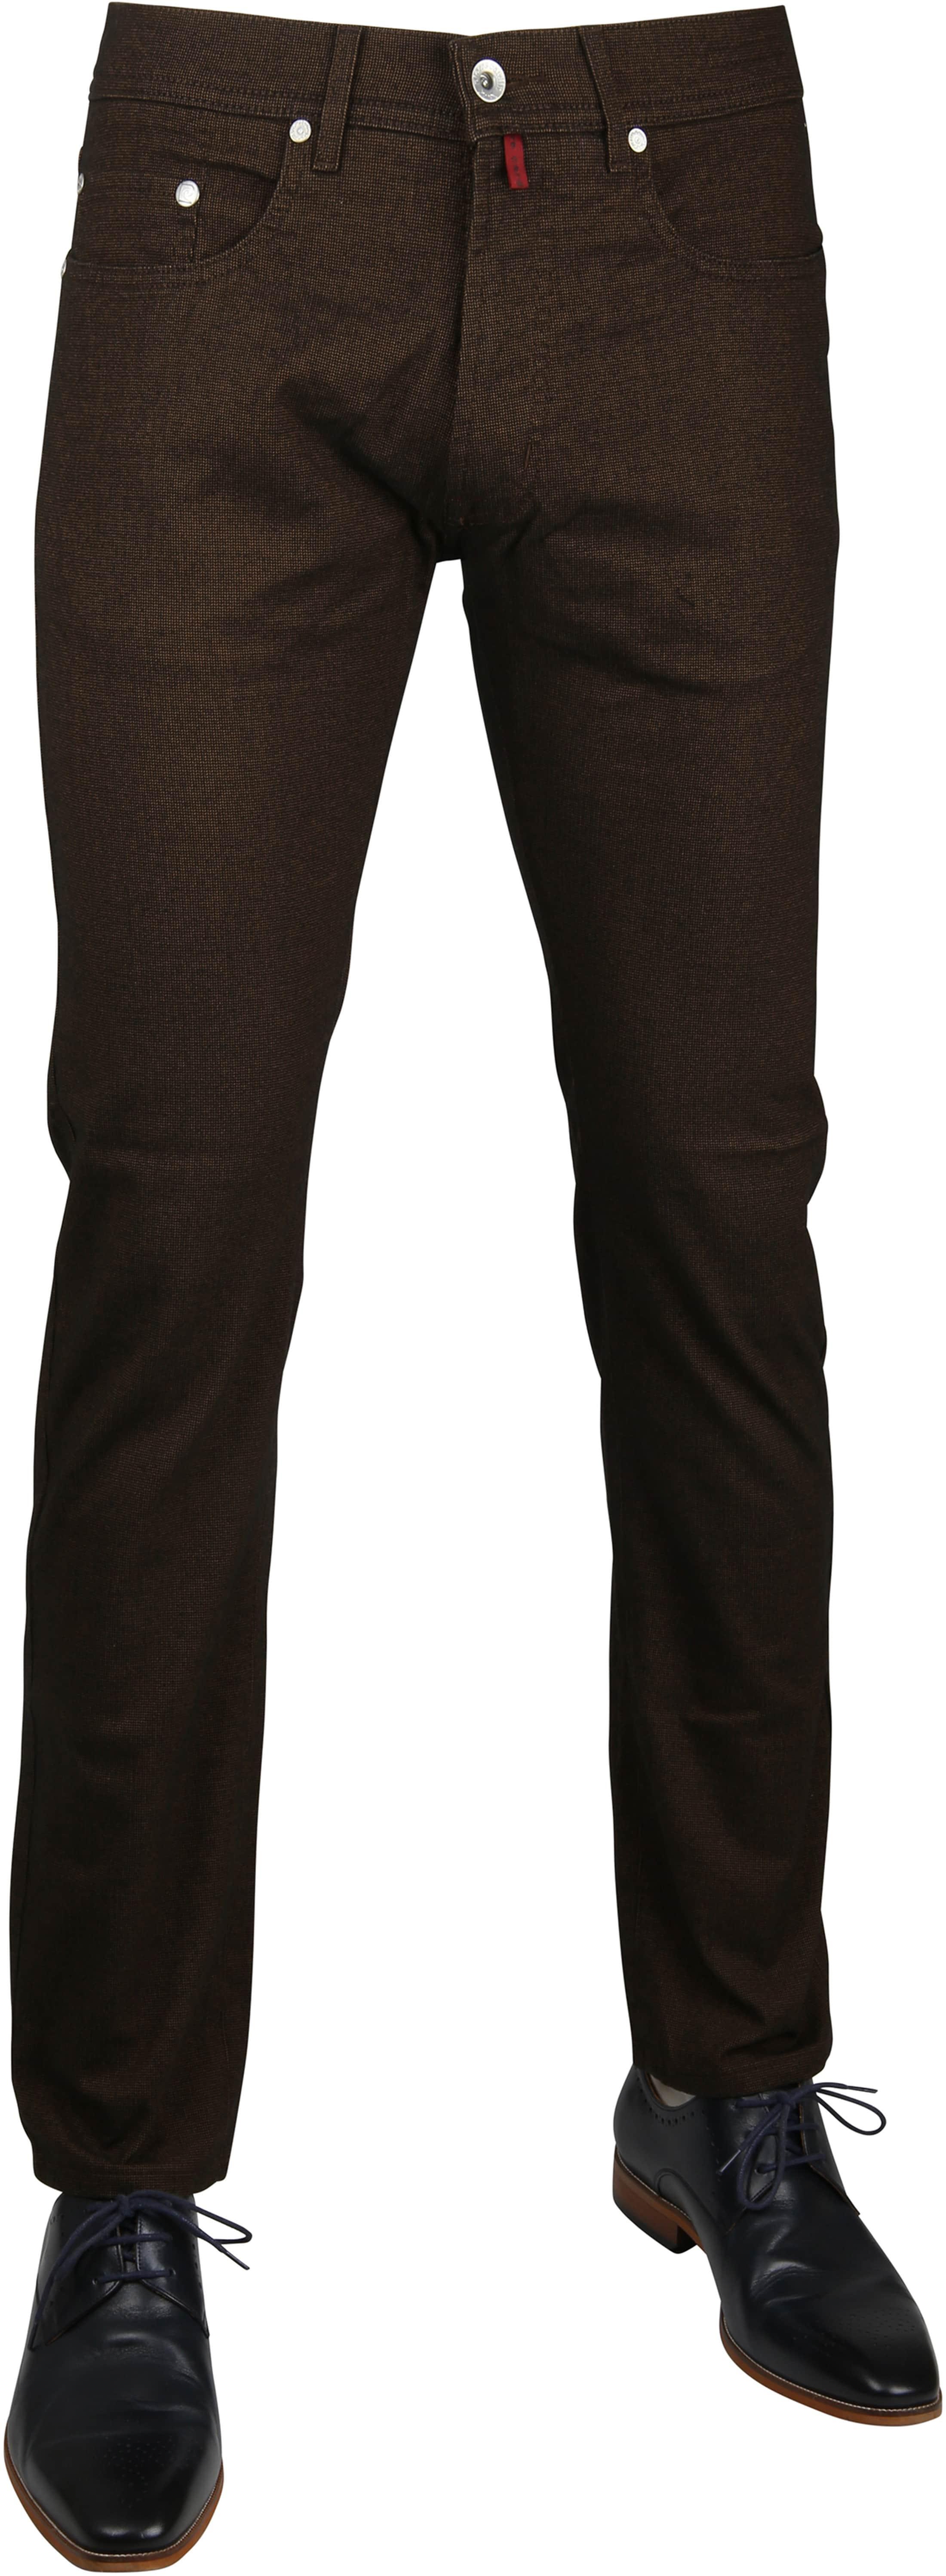 Pierre Cardin Lyon Trousers Caramel foto 0